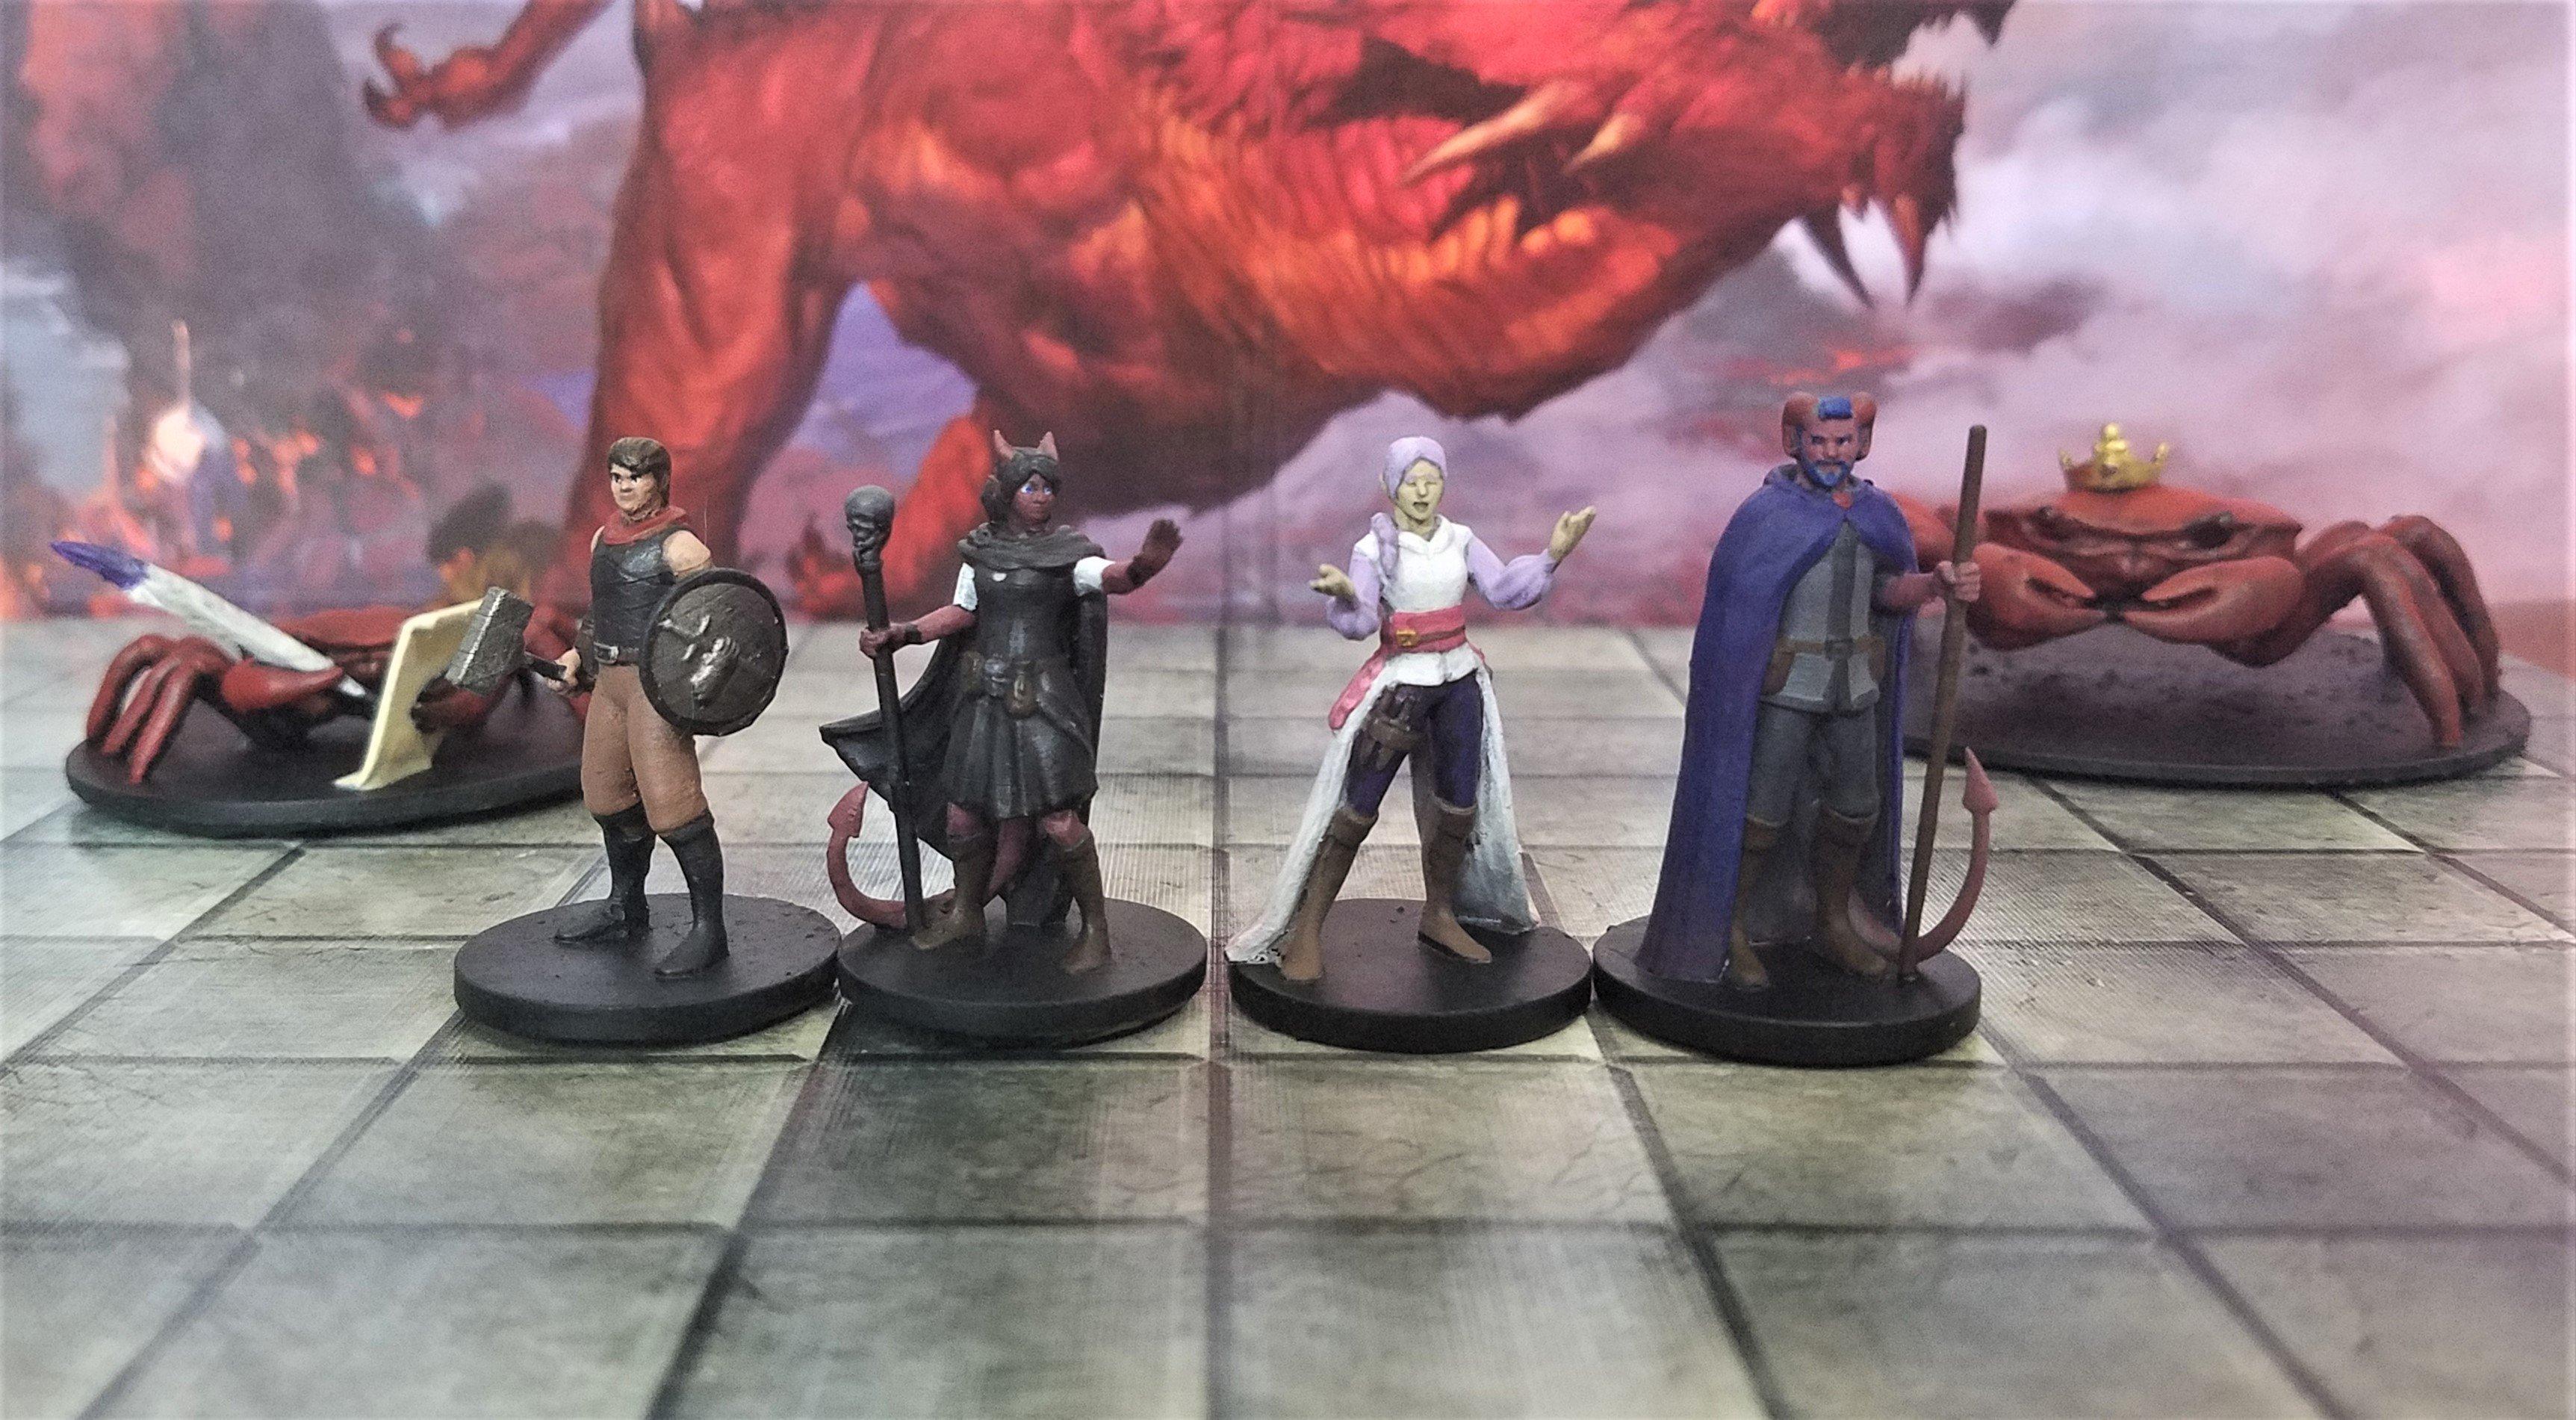 D&D Presents: T.O.R.C.H Characters!